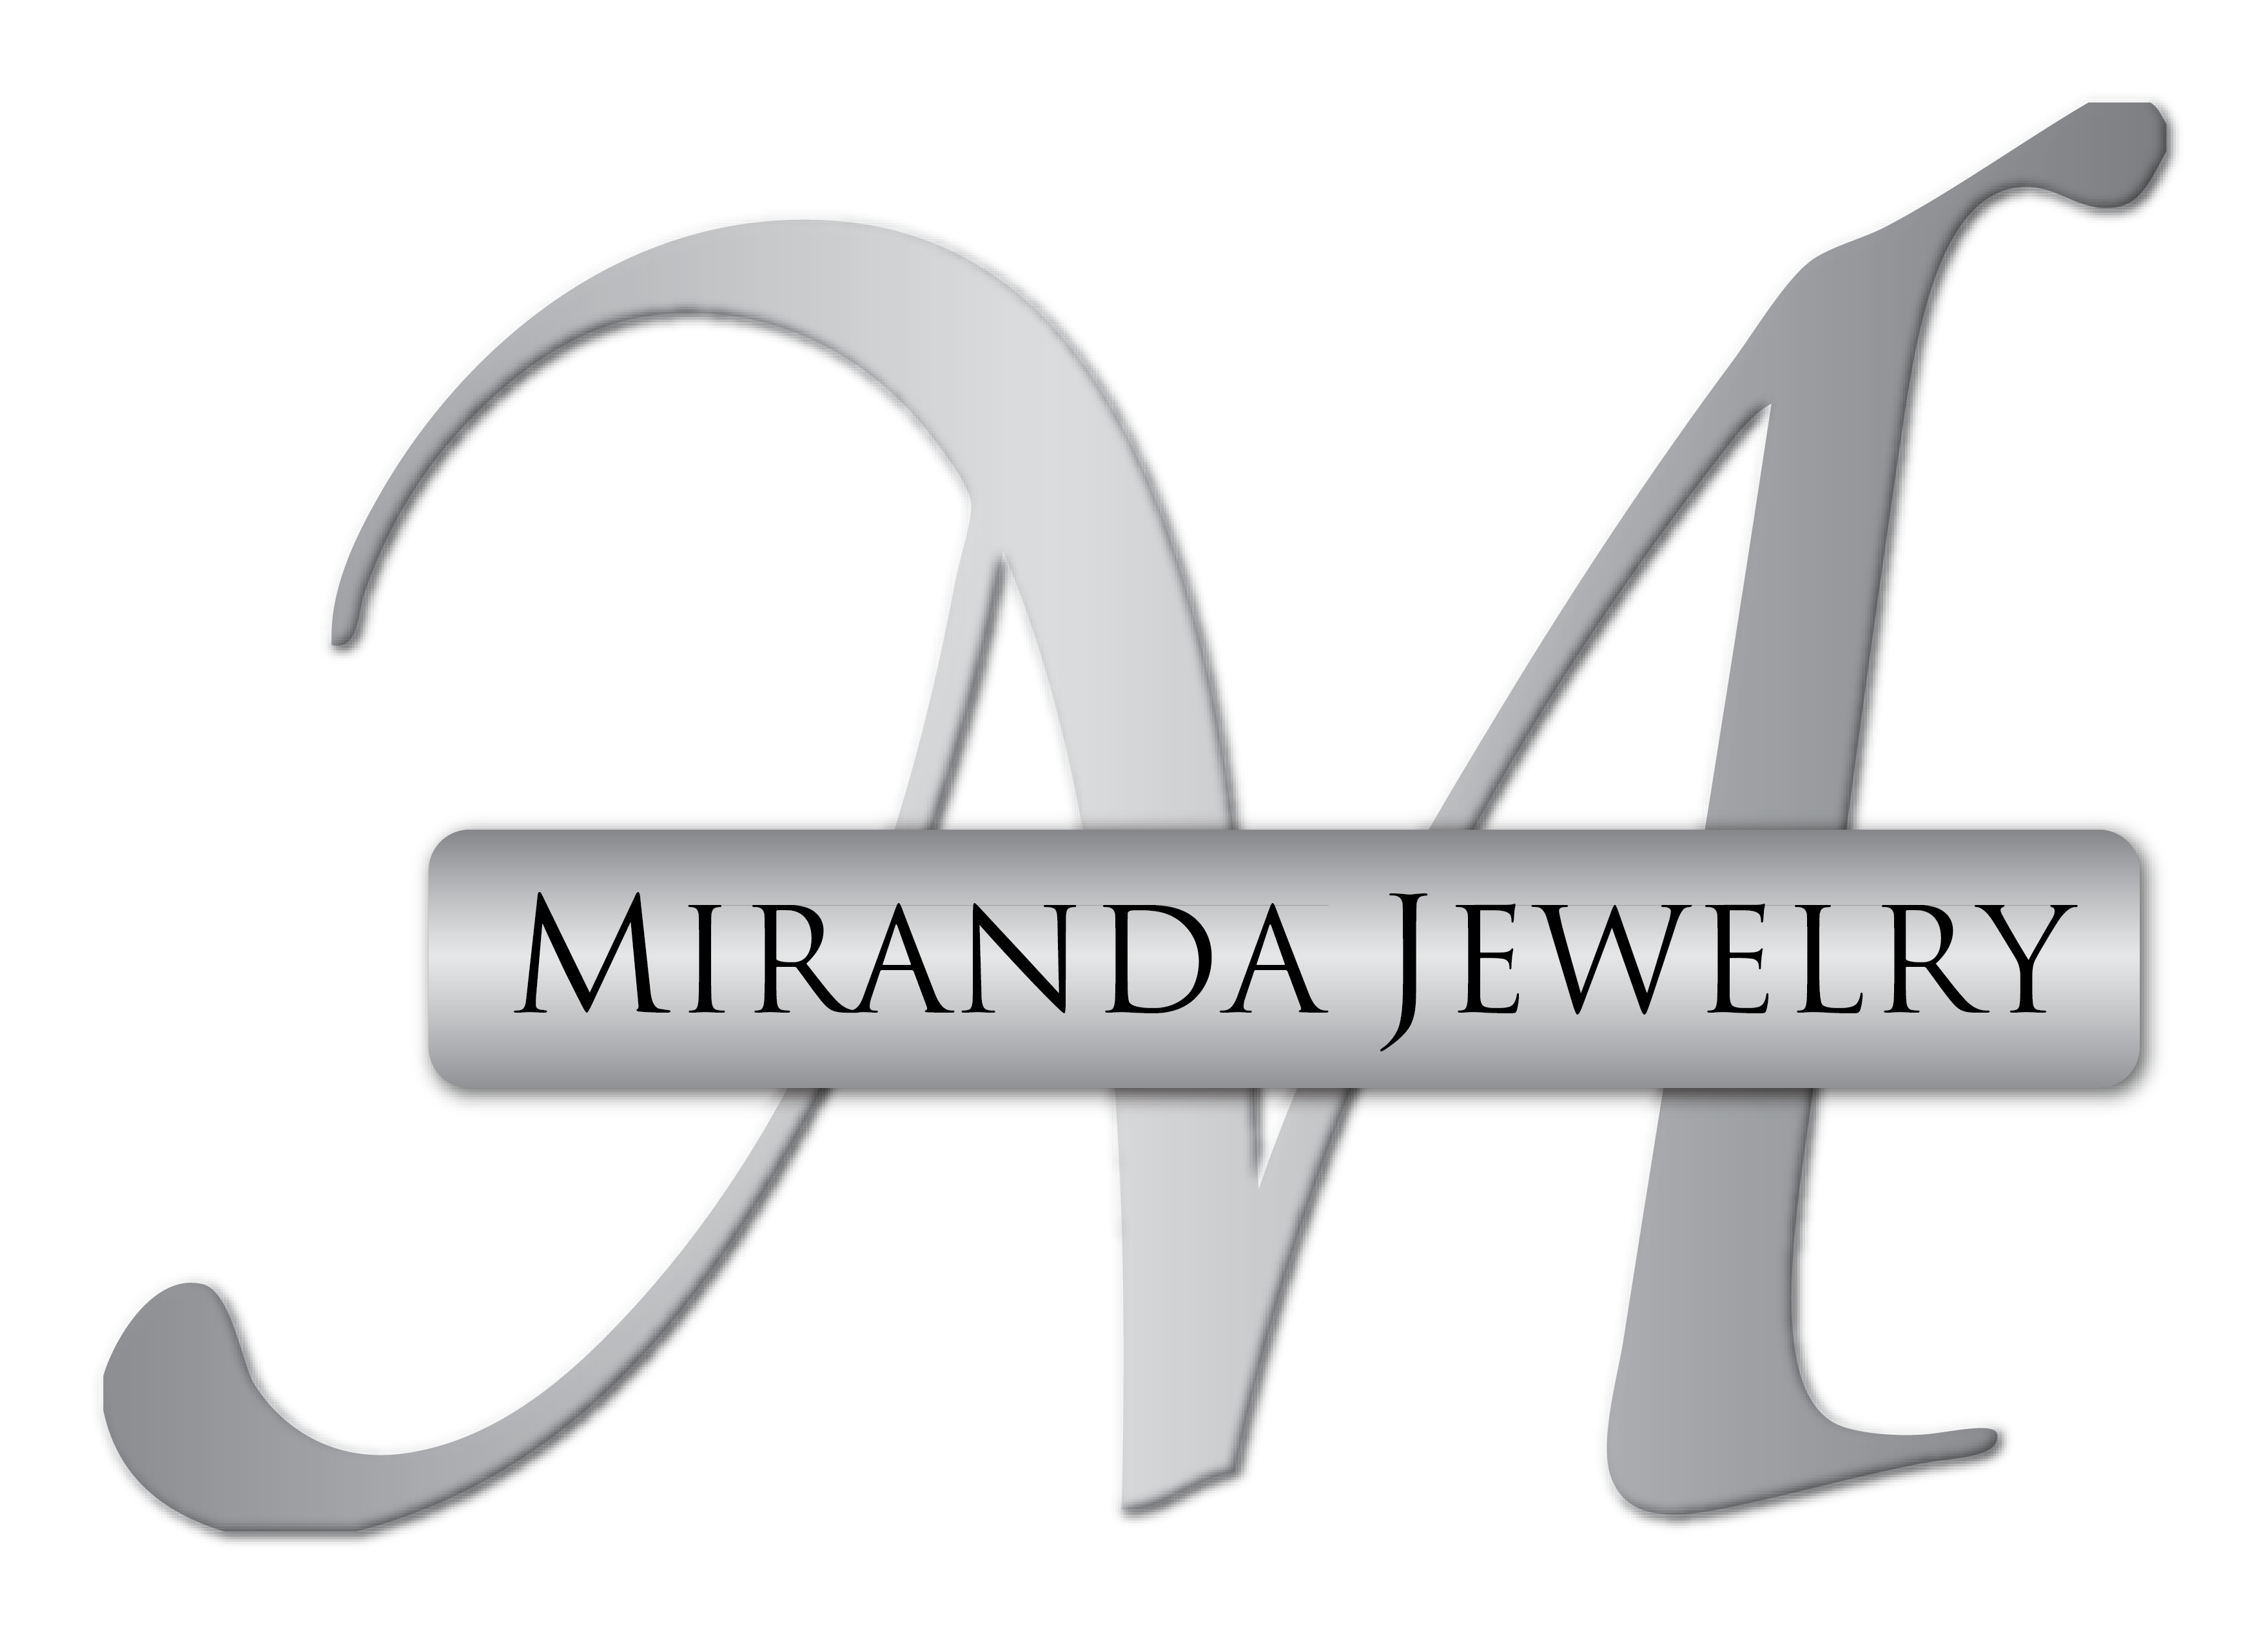 Miranda Jewelry